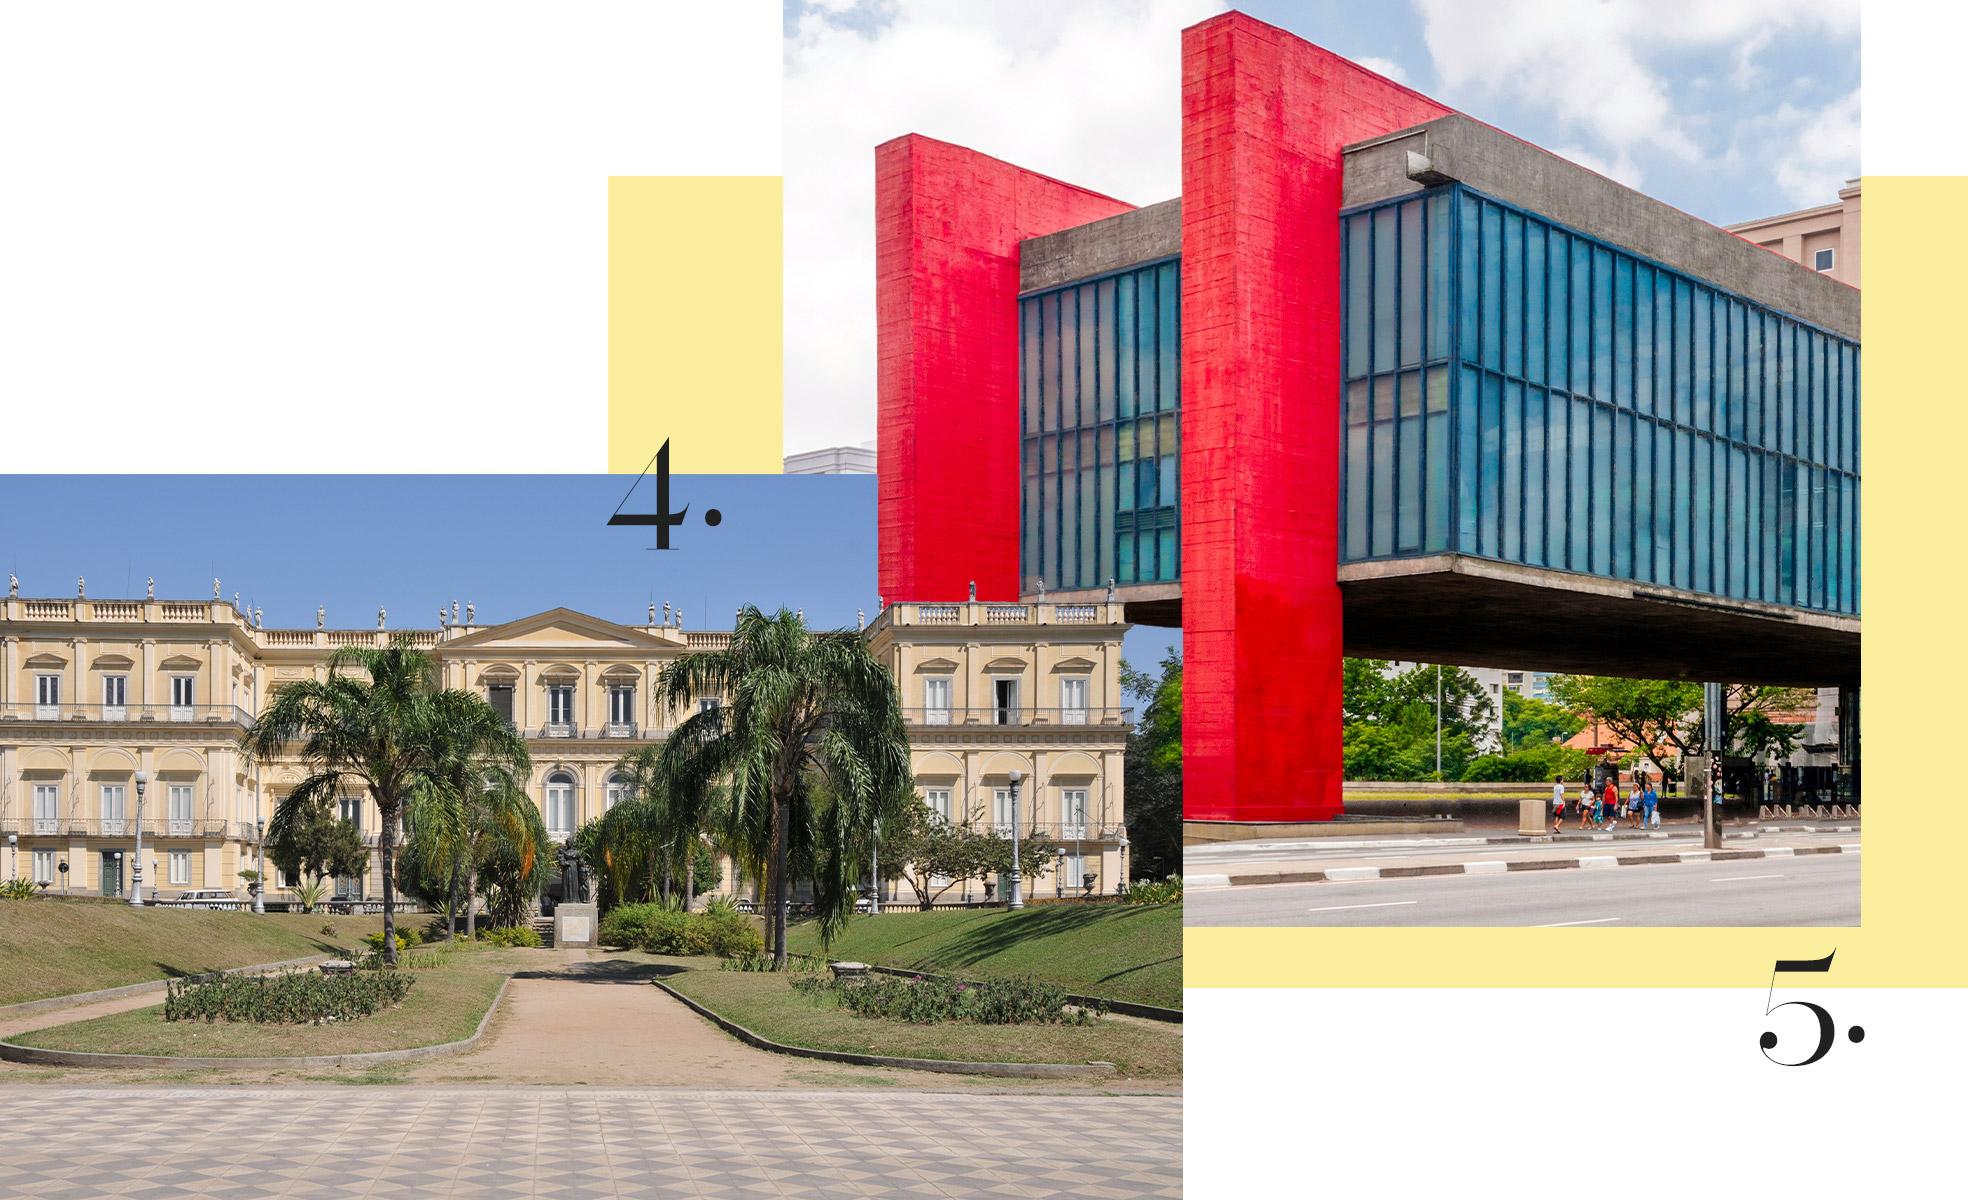 museus, exposição online, museu online, masp, museu nacional | westwing.com.br